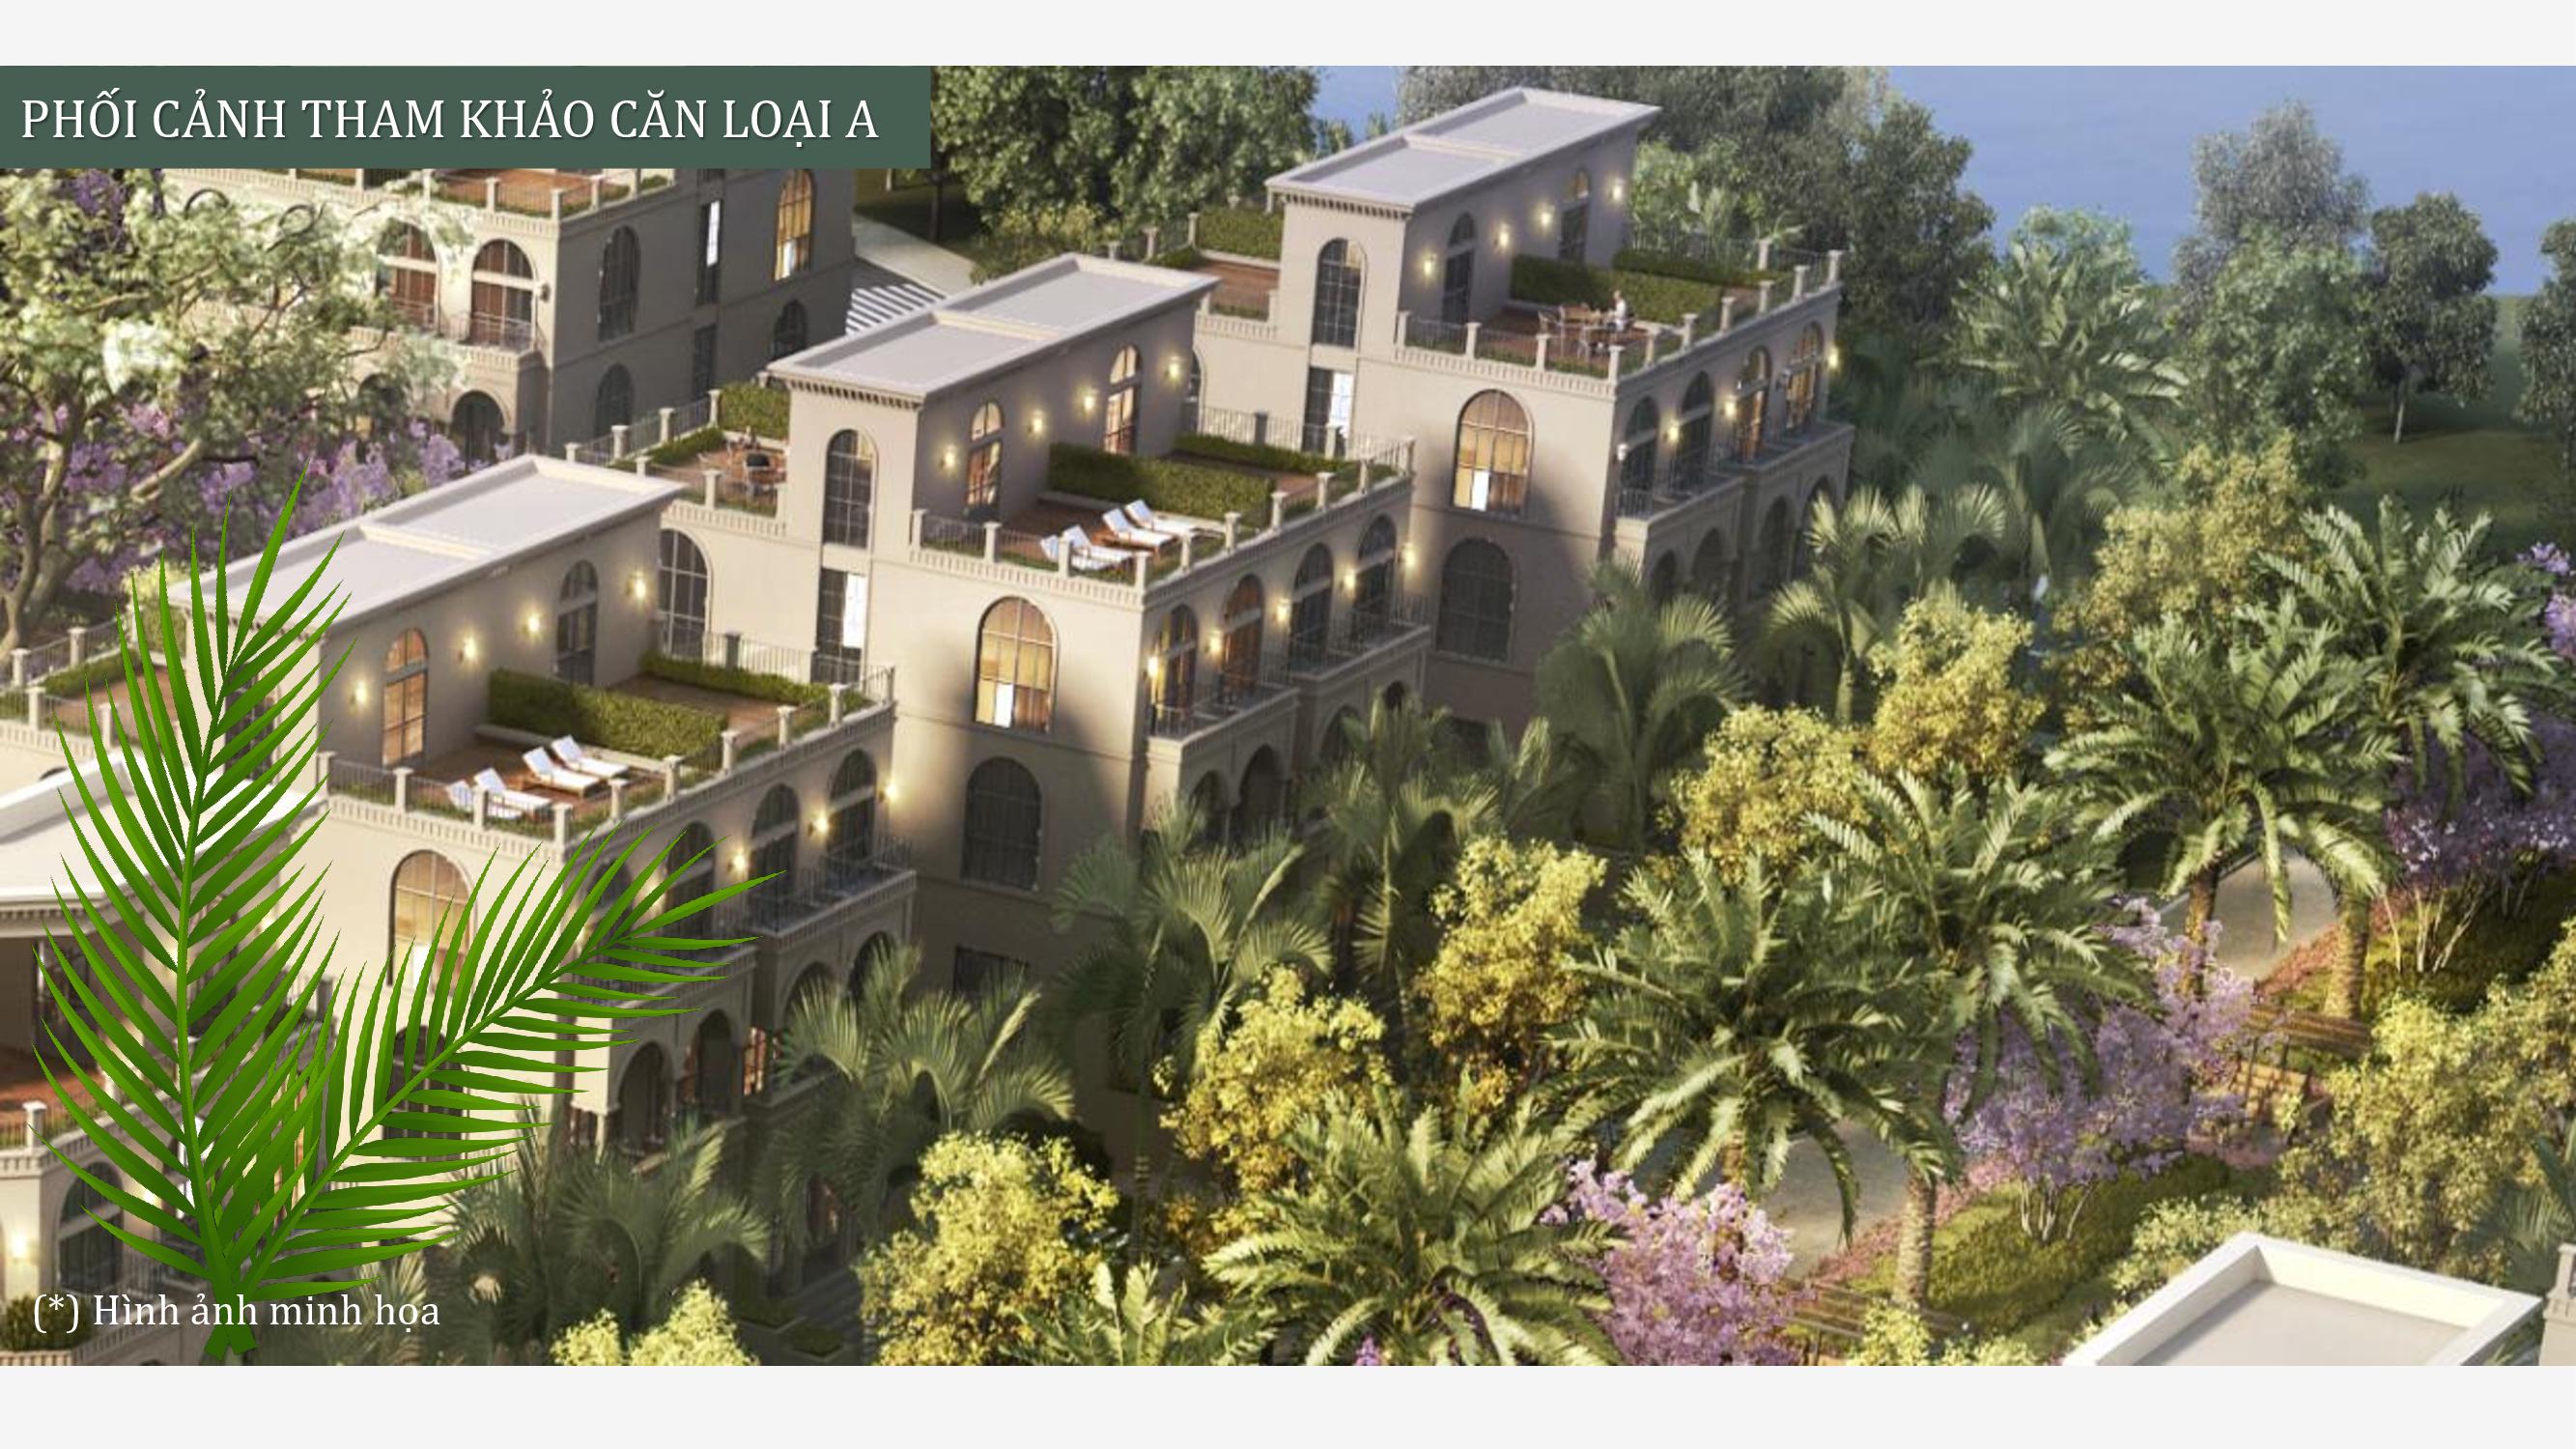 palm garden shop villas phú quốc PALM GARDEN SHOP VILLAS PHU QUOC 409f53774366e6de6651bf01534873b5 19